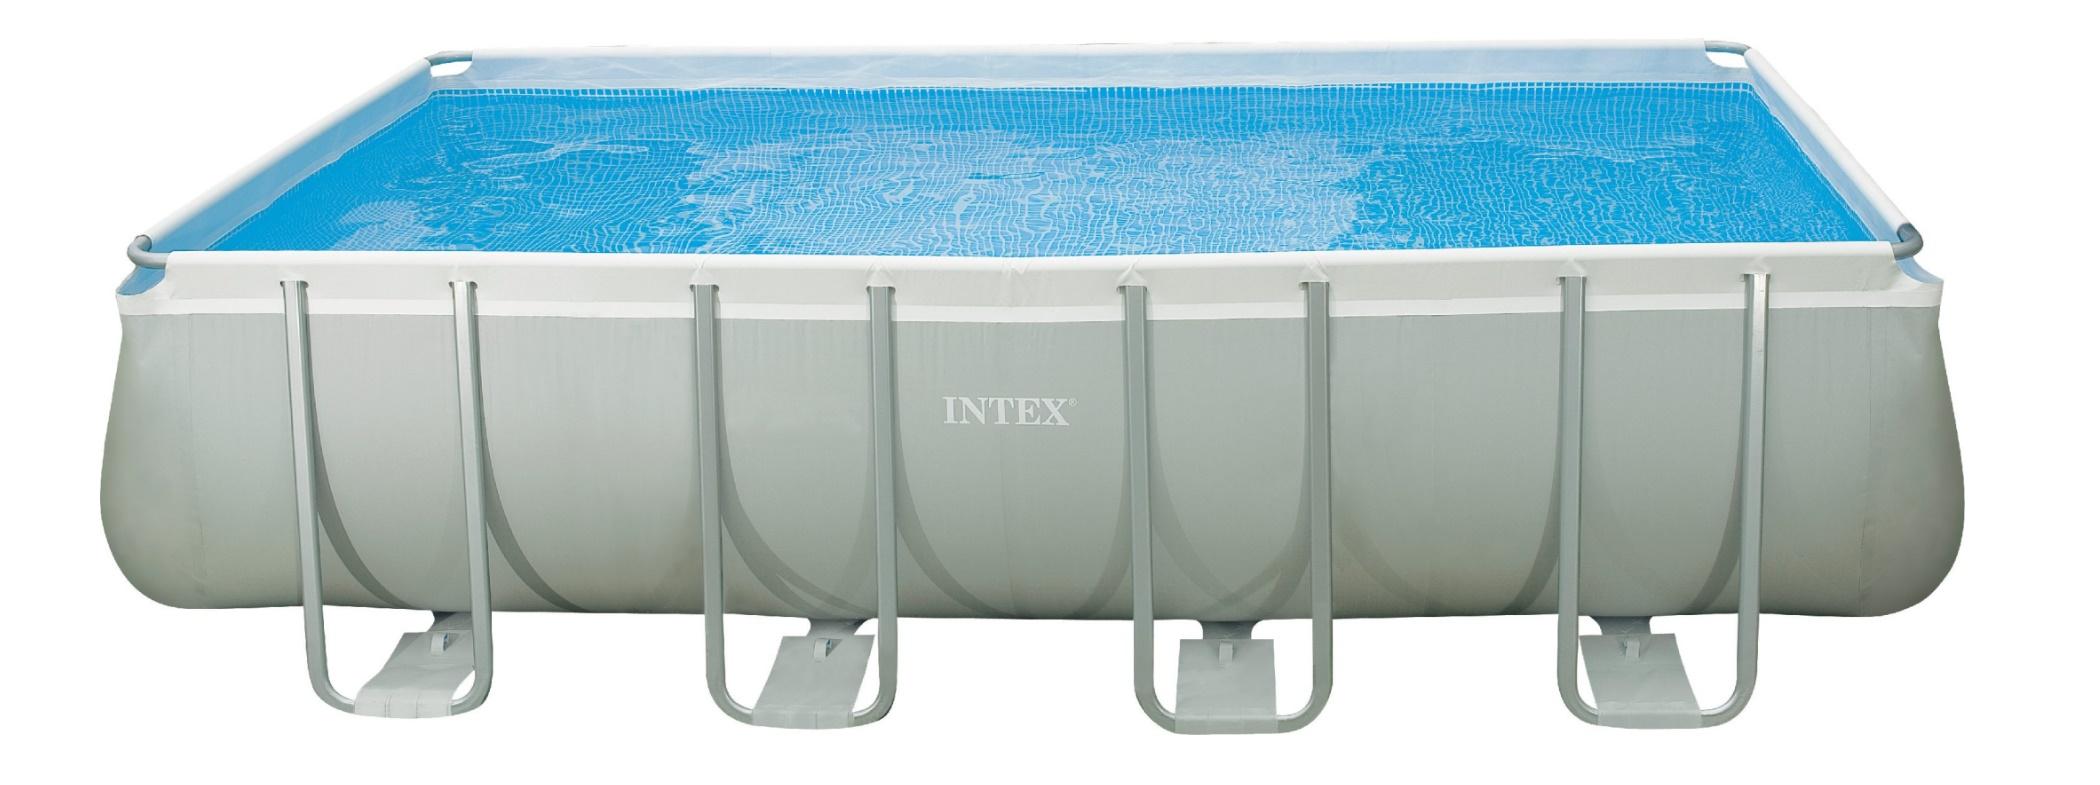 Tolle Intex 16 Fuß Ultra Rahmen Pool Galerie - Bilderrahmen Ideen ...